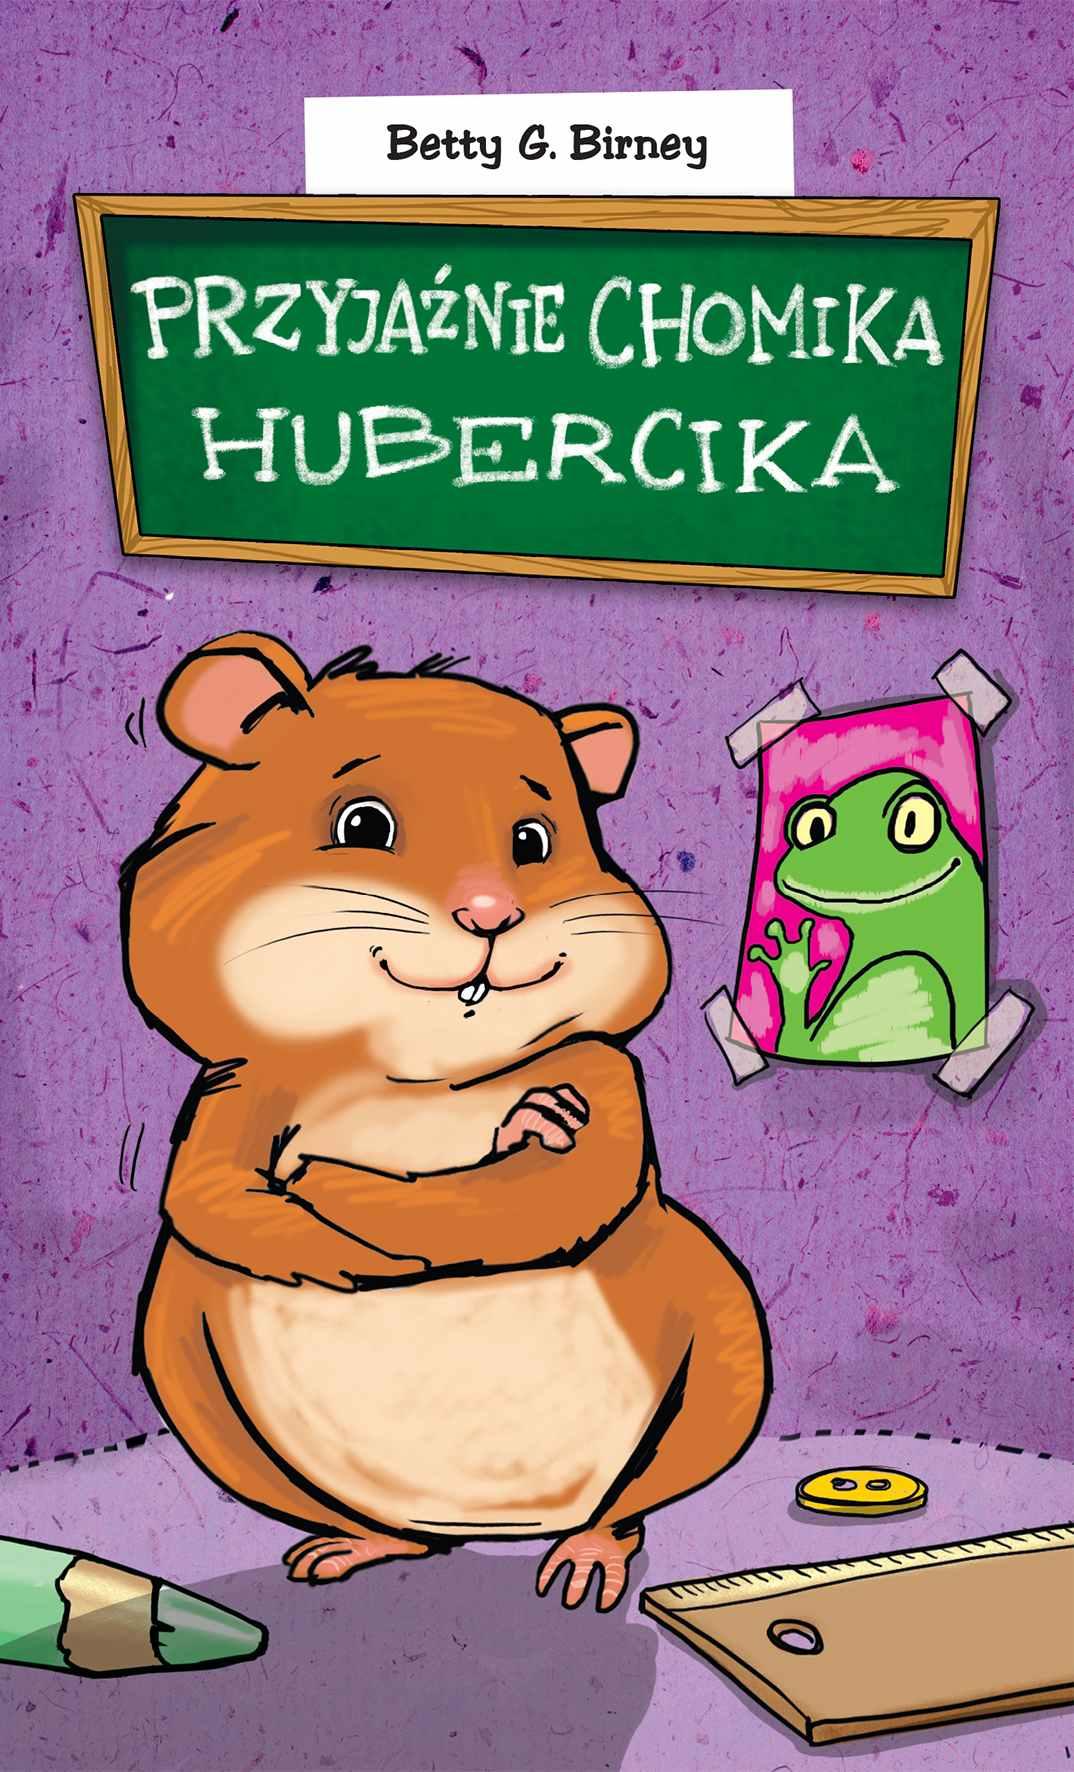 Przyjaźnie chomika Hubercika - Ebook (Książka na Kindle) do pobrania w formacie MOBI